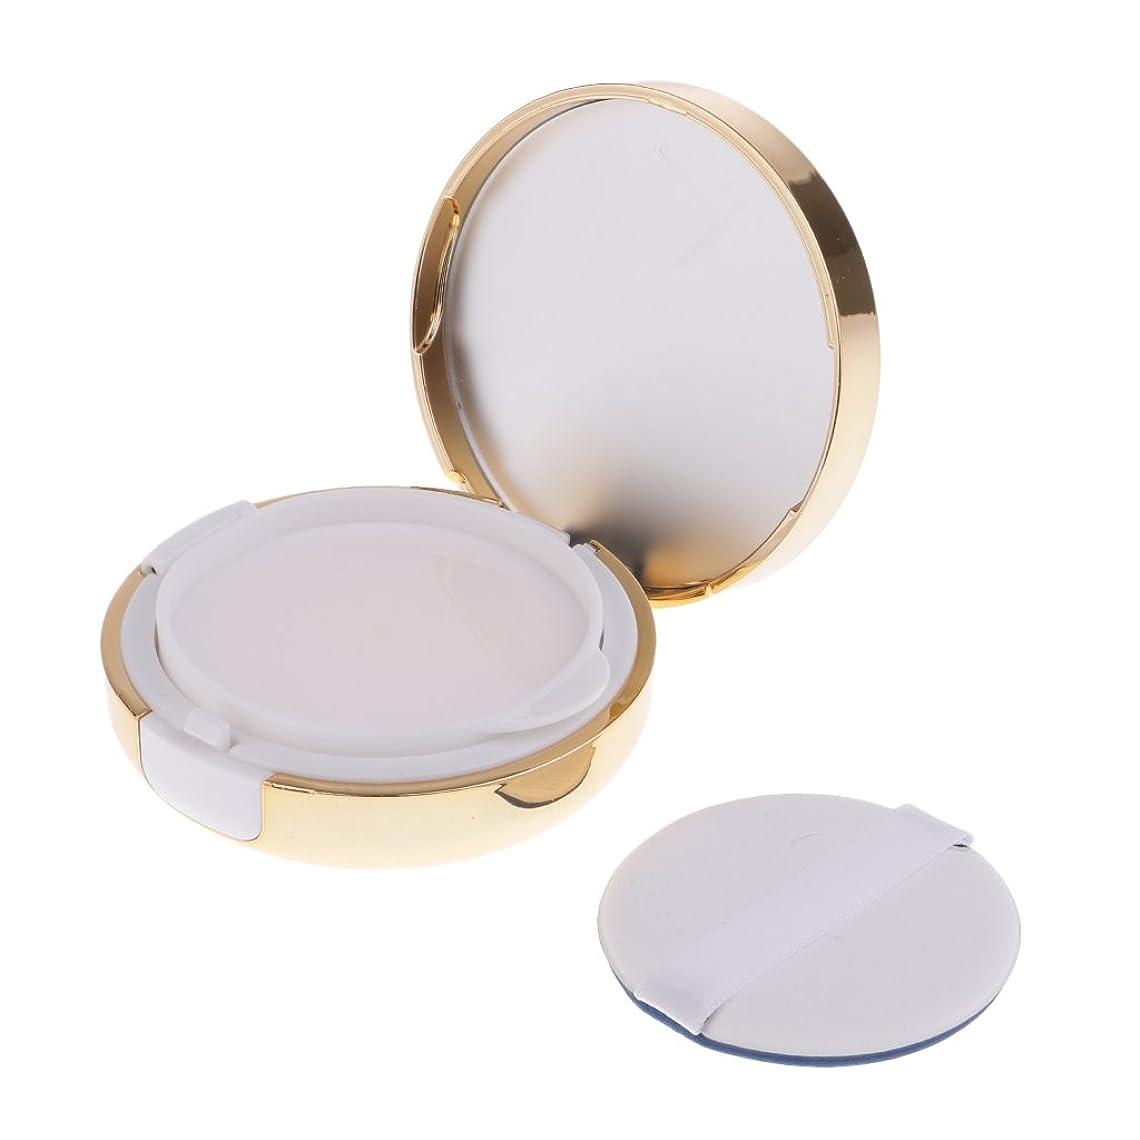 できない普通に乞食Perfk パウダーコンテナ ファンデーションケース エアクッション パフ BBクリーム 詰替え 化粧品 DIY ポータブル 密閉式ふた メイクアップ 2色選べる - ゴールド